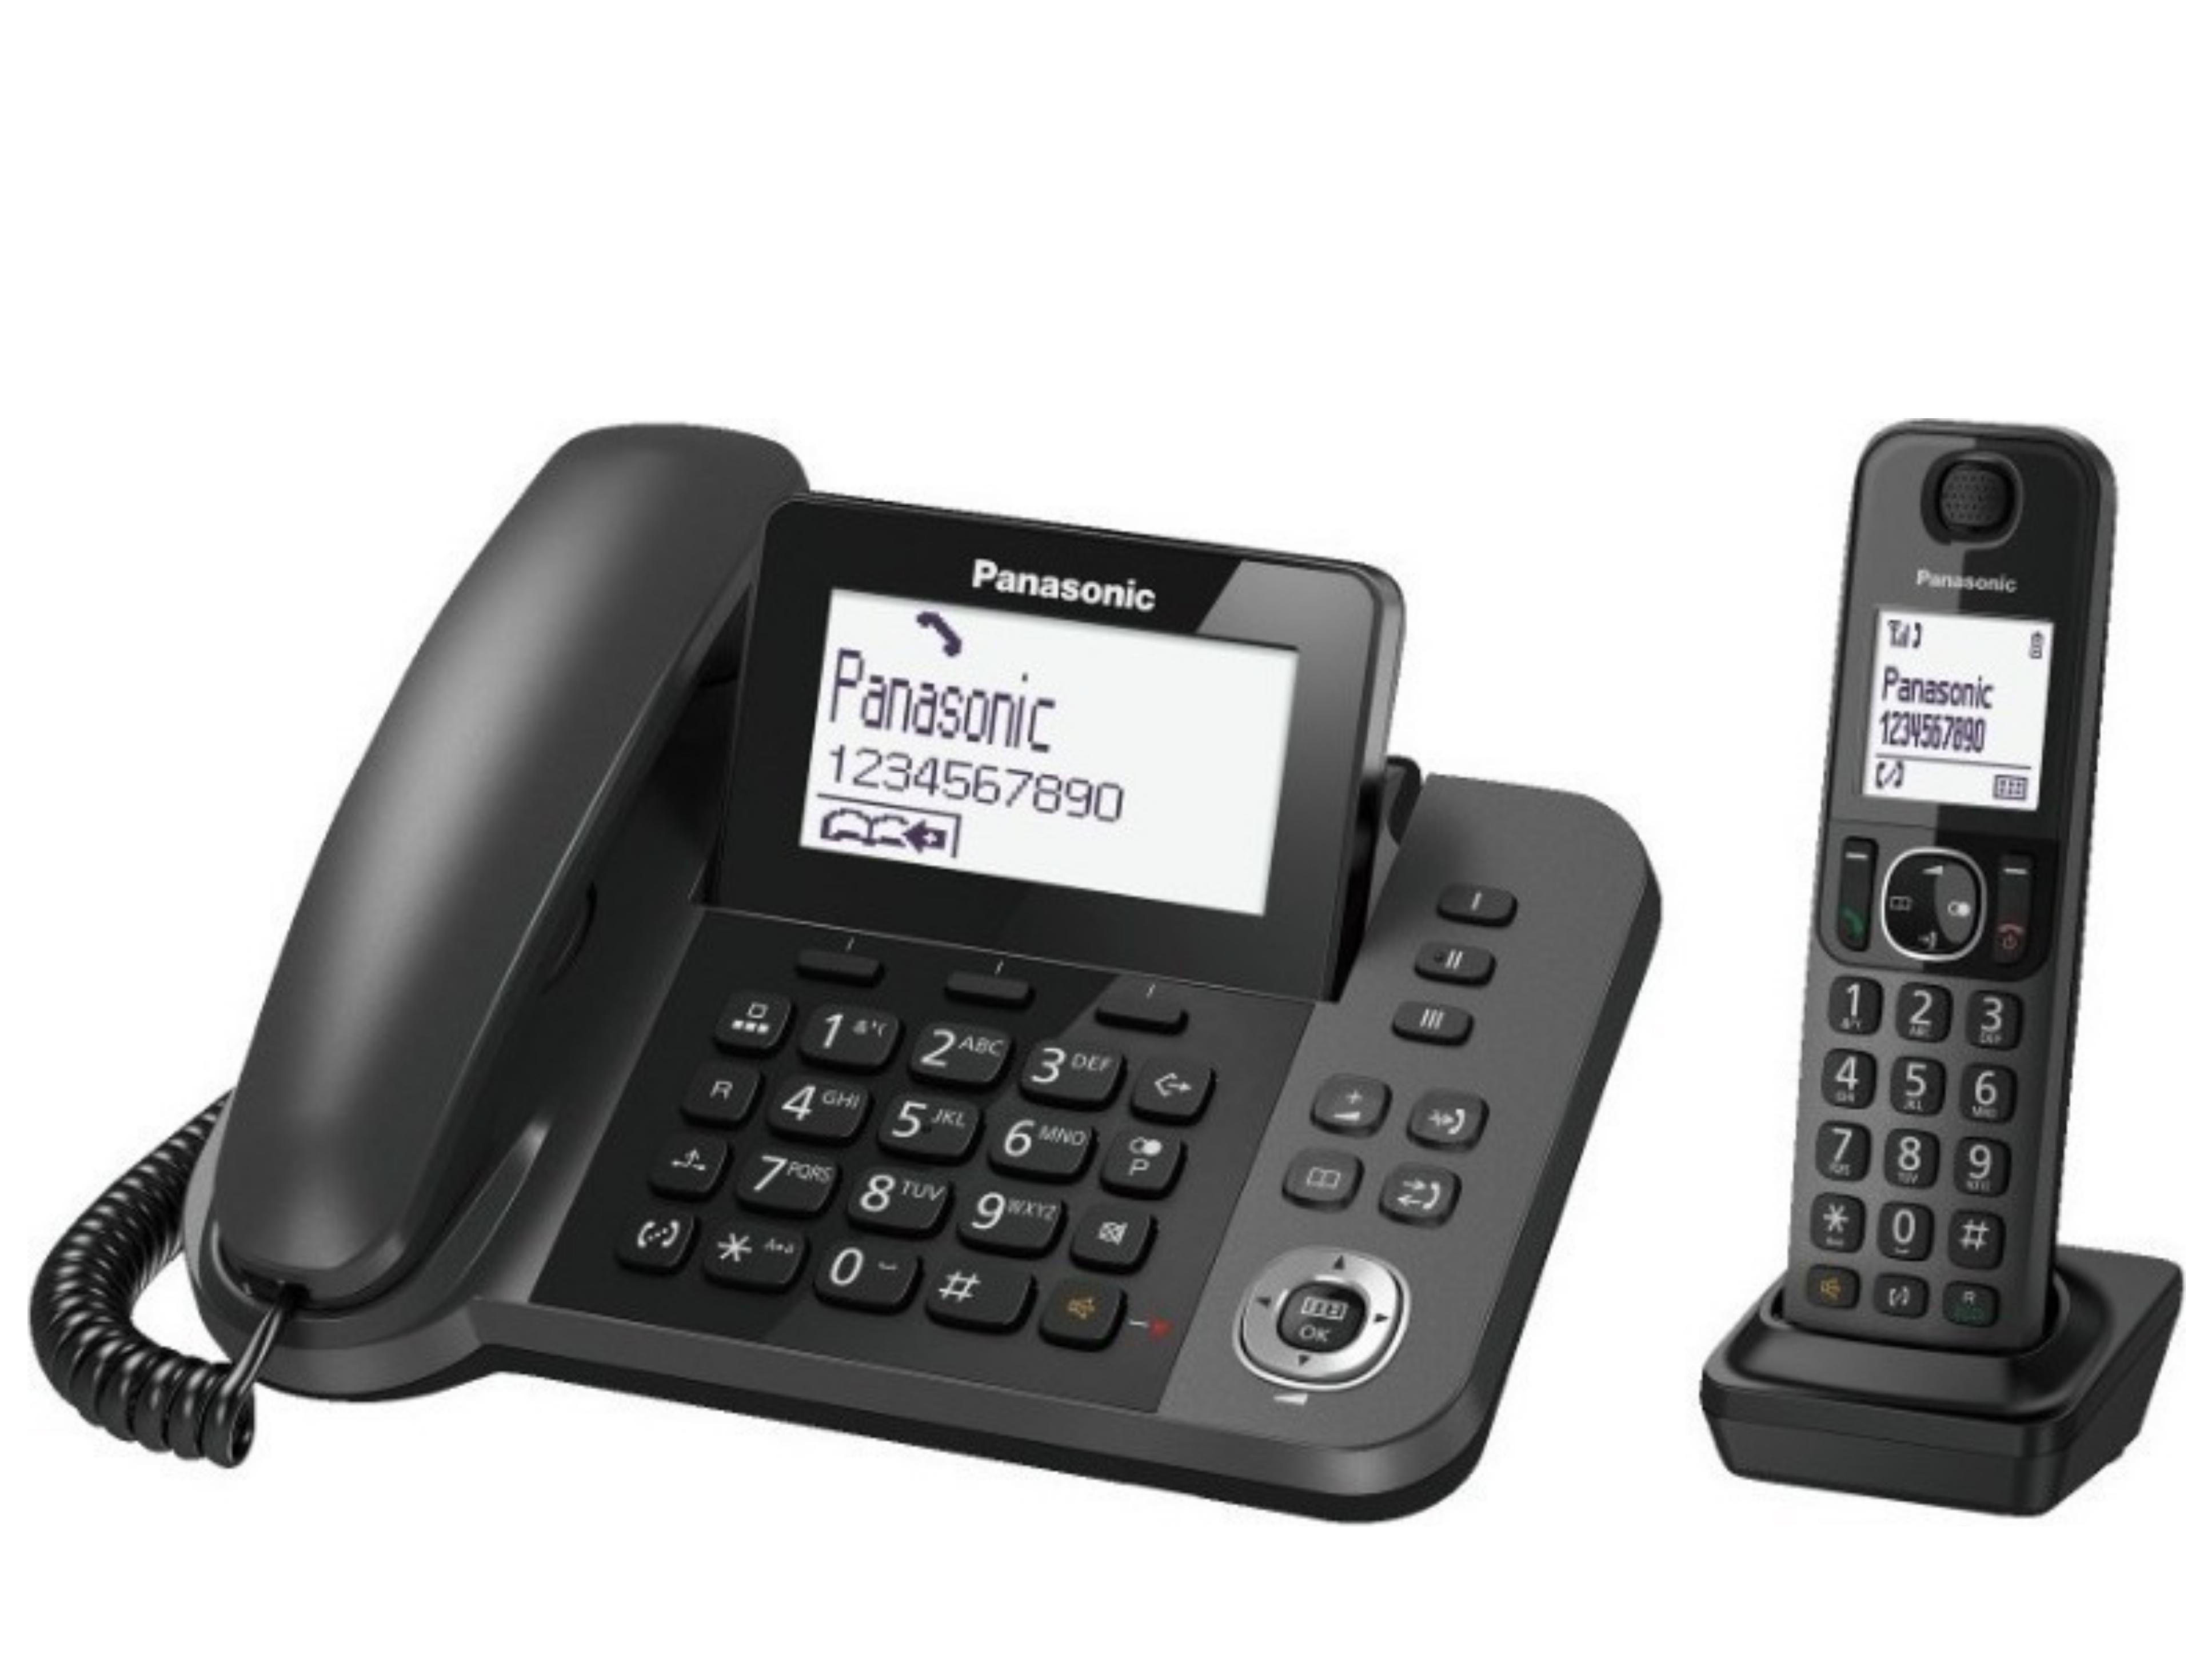 Ασύρματο και Σταθ.Σετ Ψηφιακό Τηλέφωνο Panasonic KX- TGF310